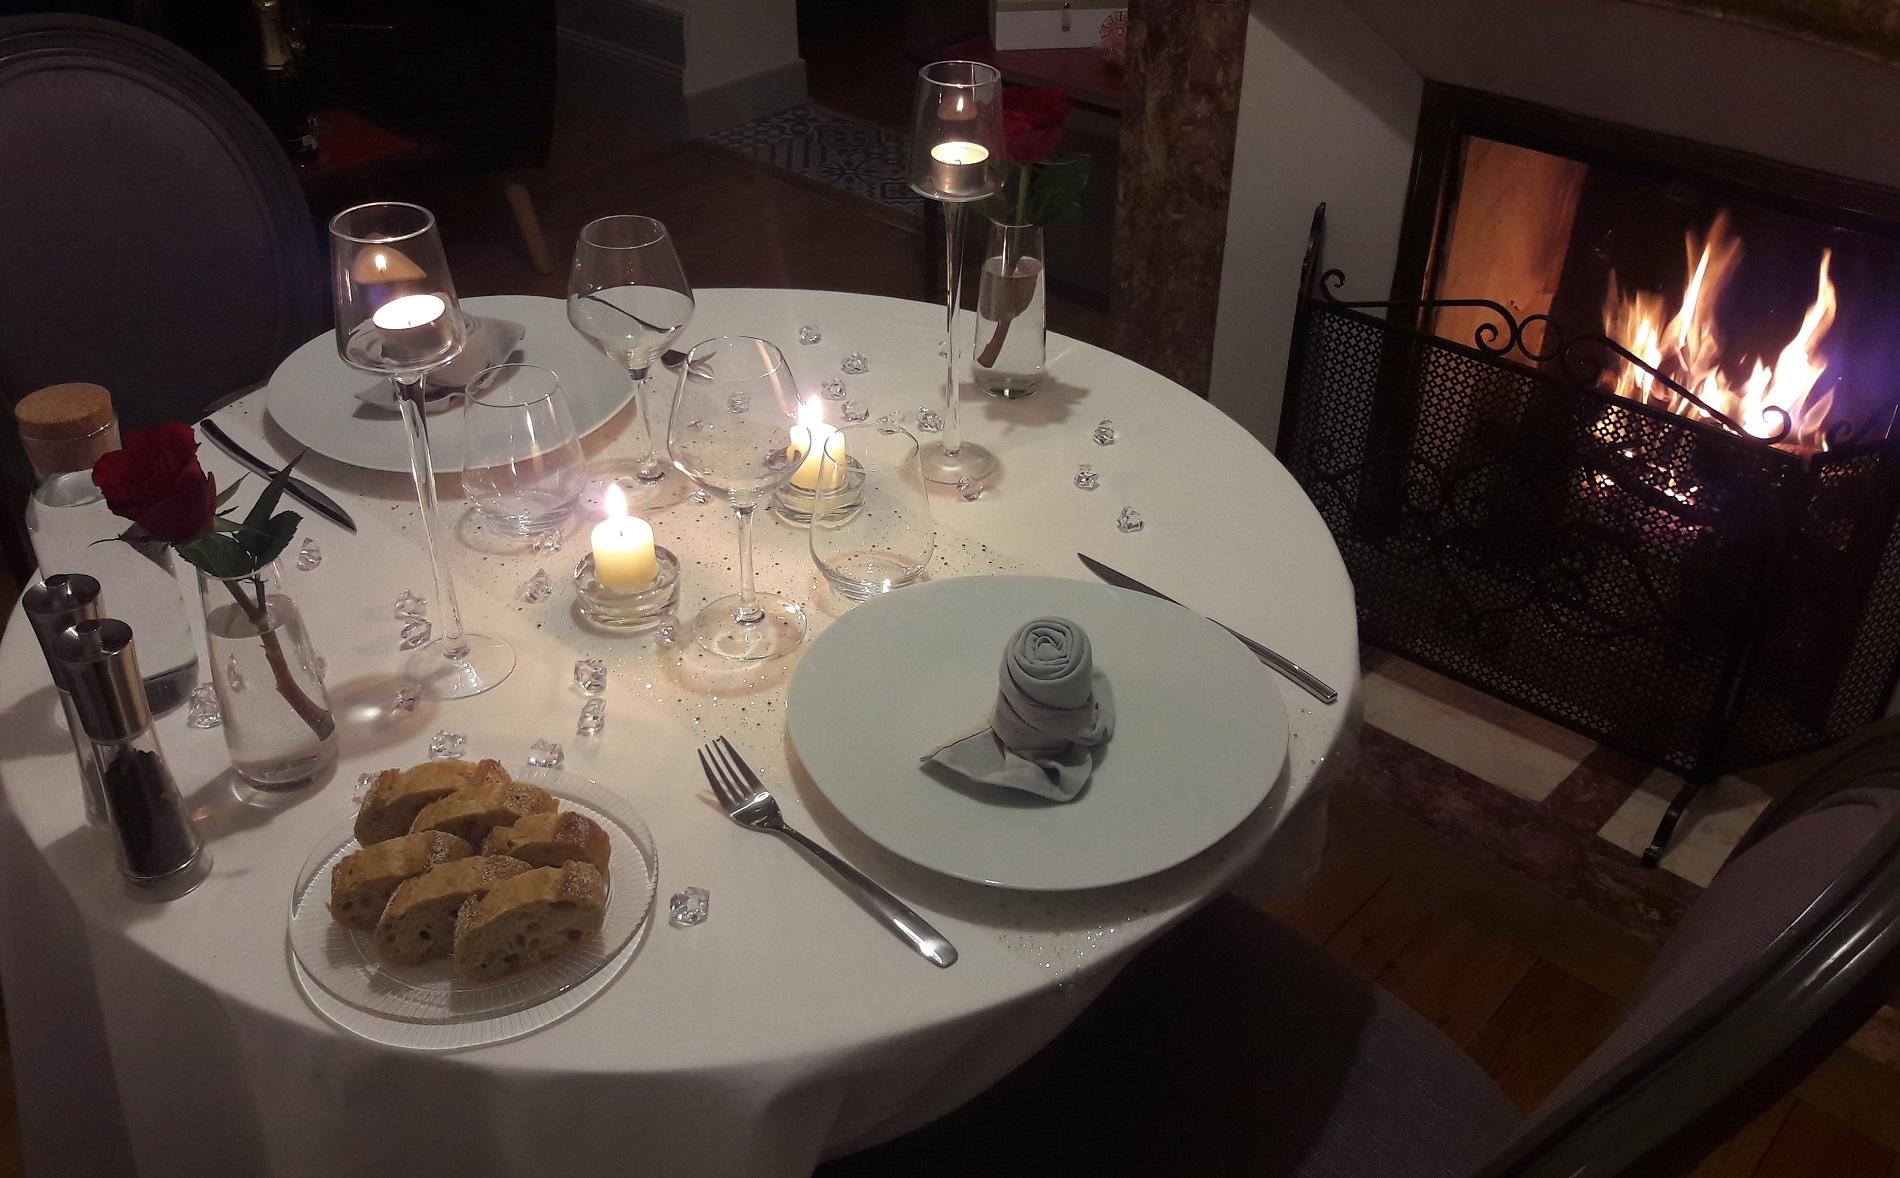 Dîner aux chandelles servi dans le salon de la suite feu pour un séjour romantique en amoureux